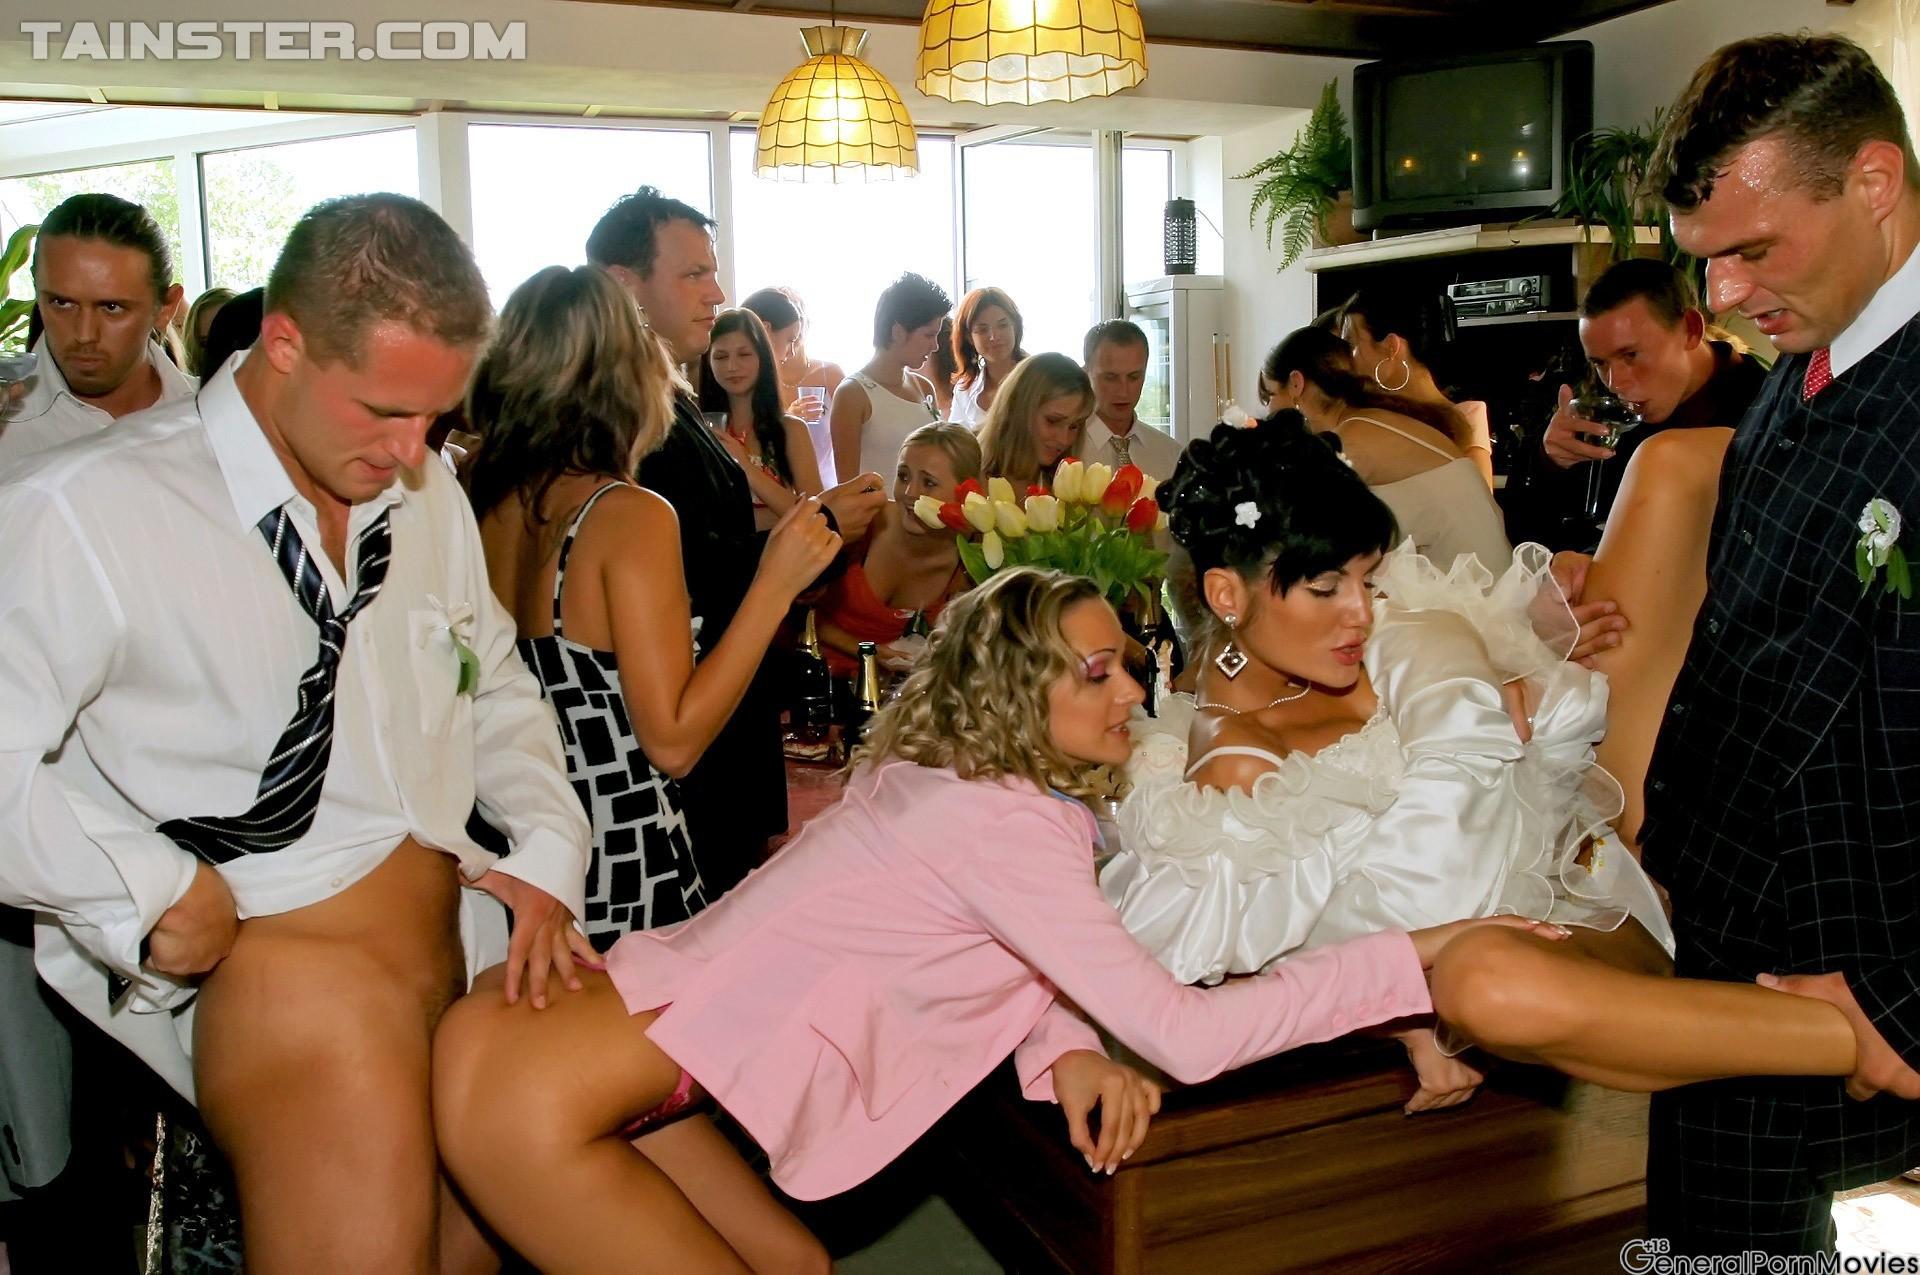 Wedding Day Orgy Wedding Day Orgy Taboo Galery Vid